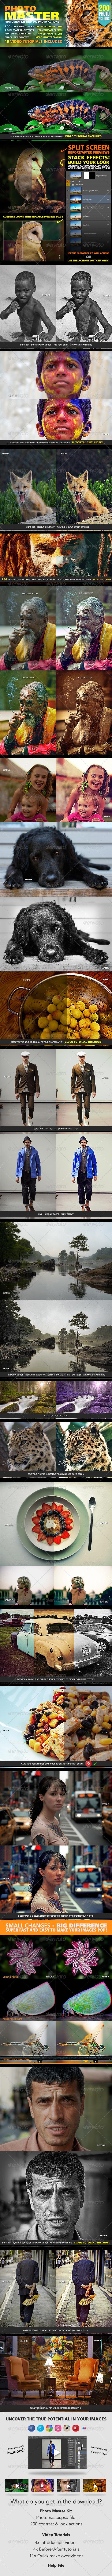 GraphicRiver Photo Master 4980971